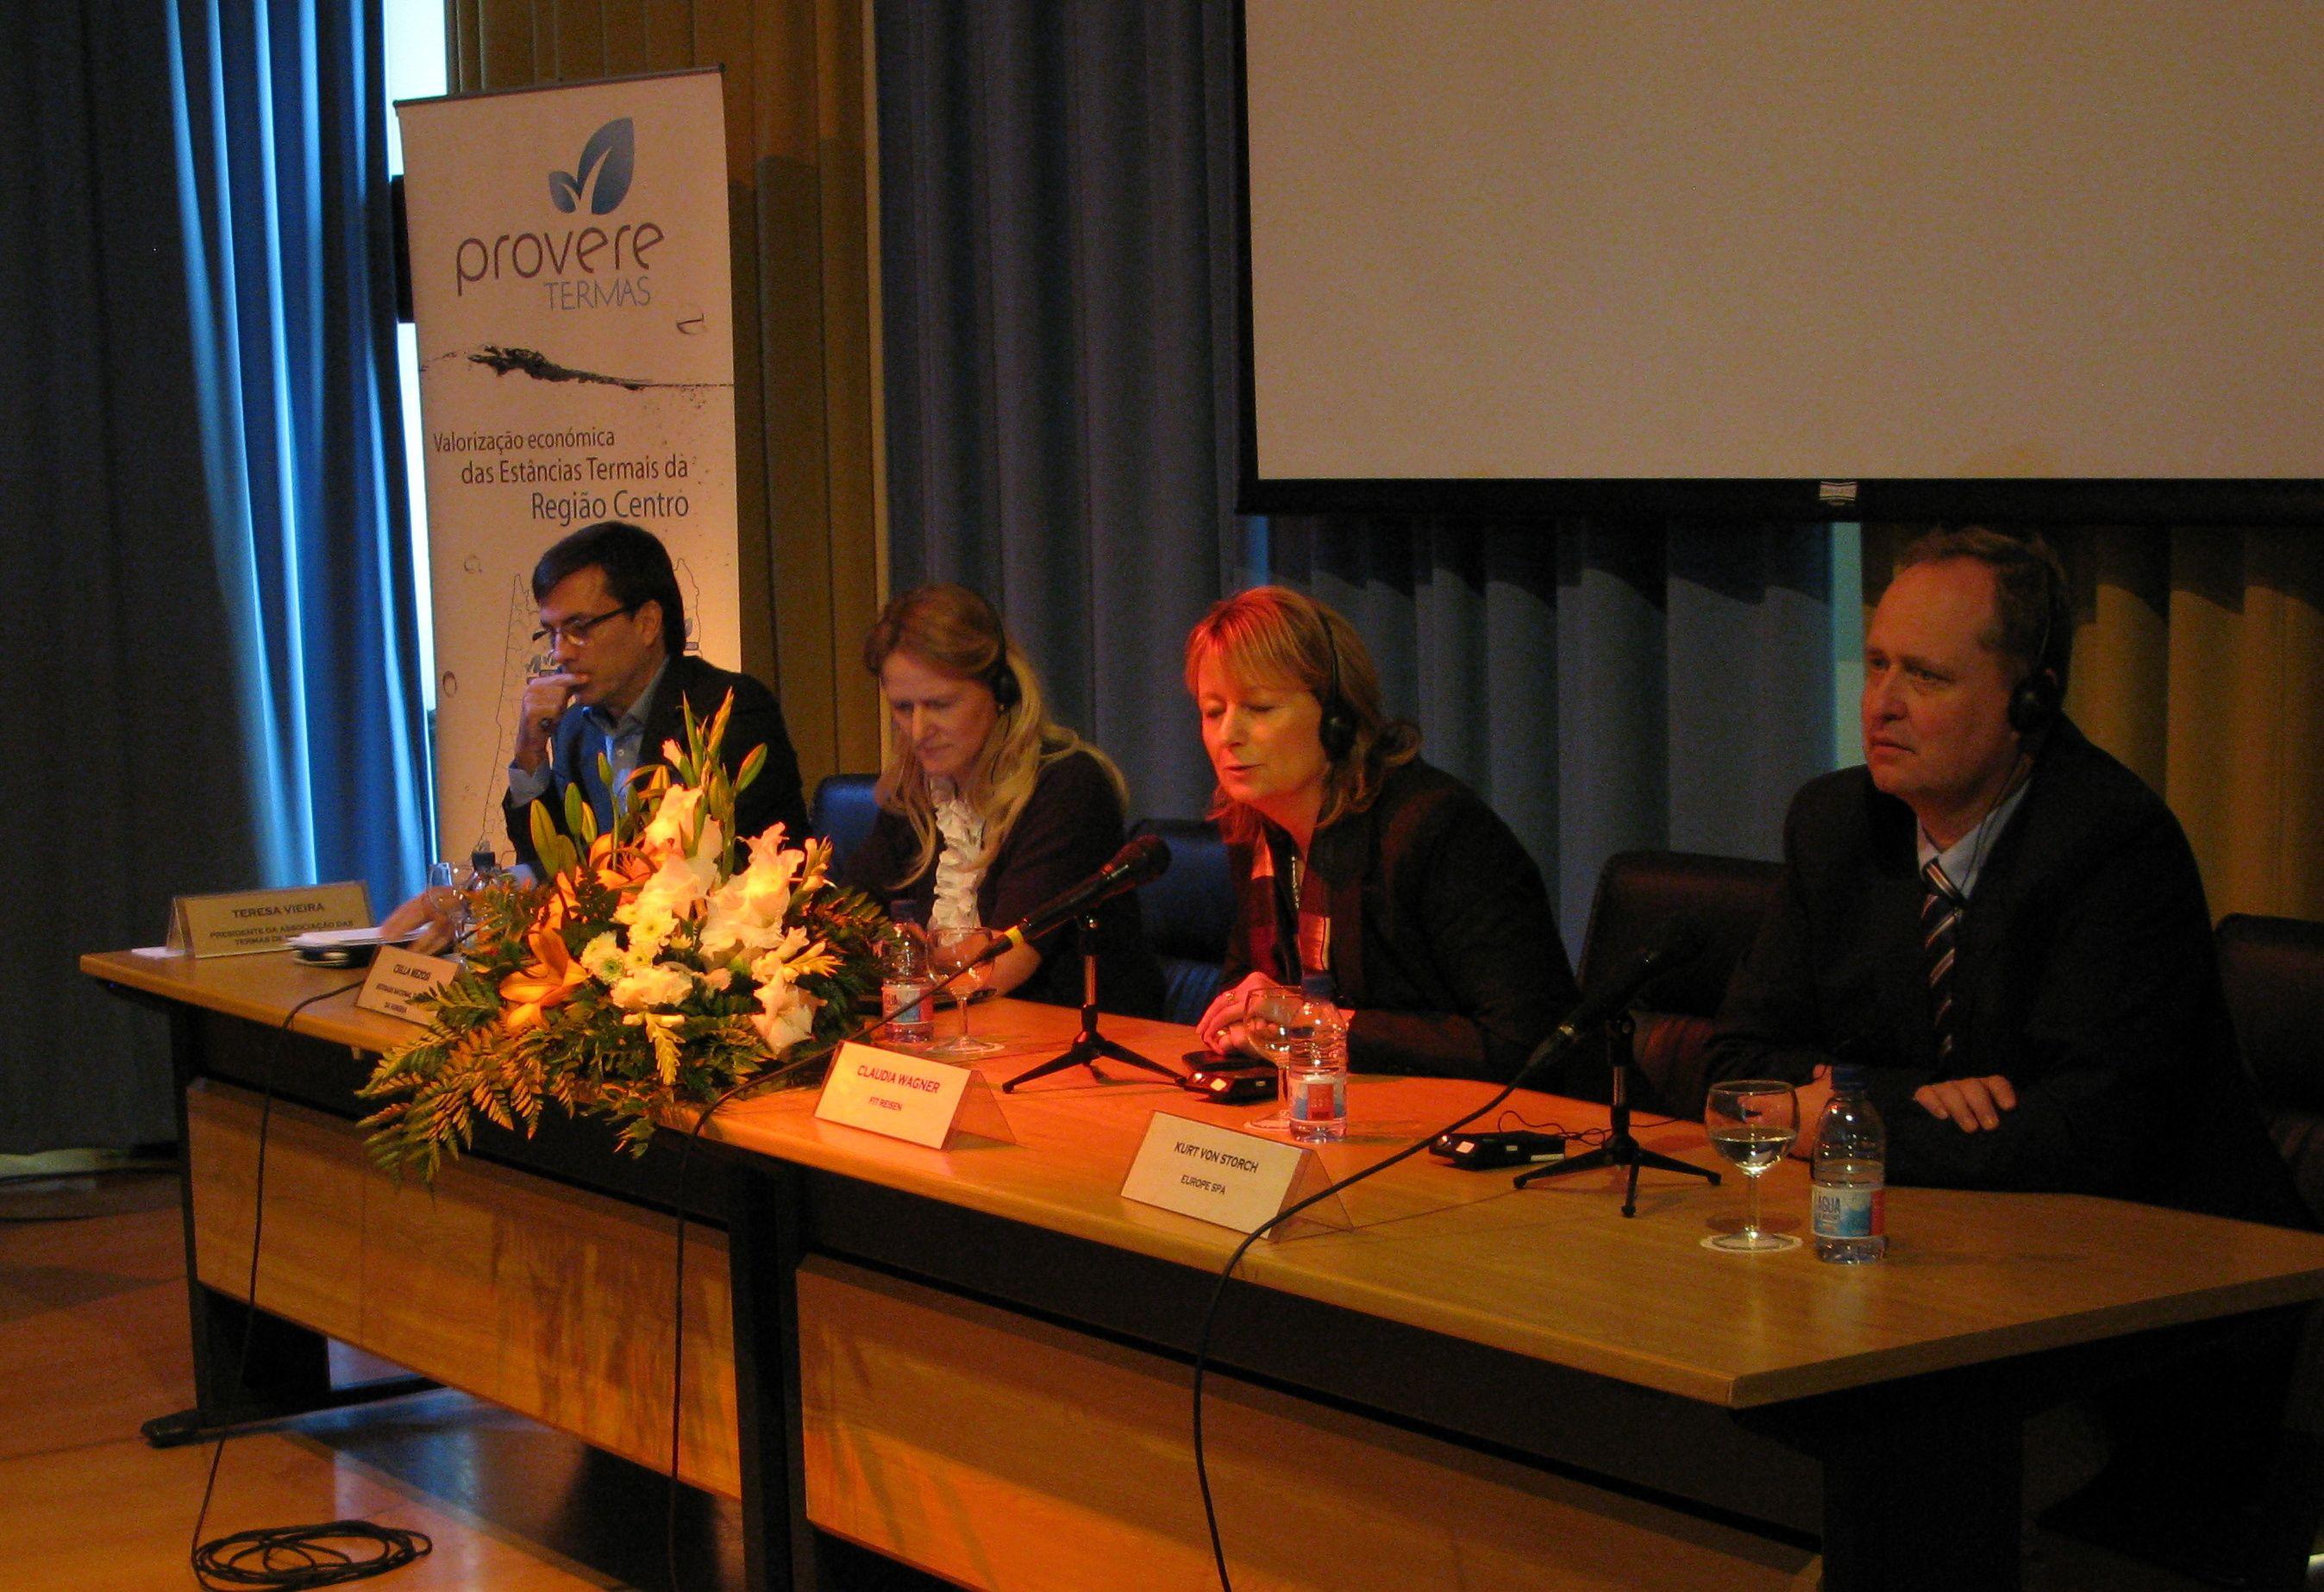 Durante o debate com os convidados